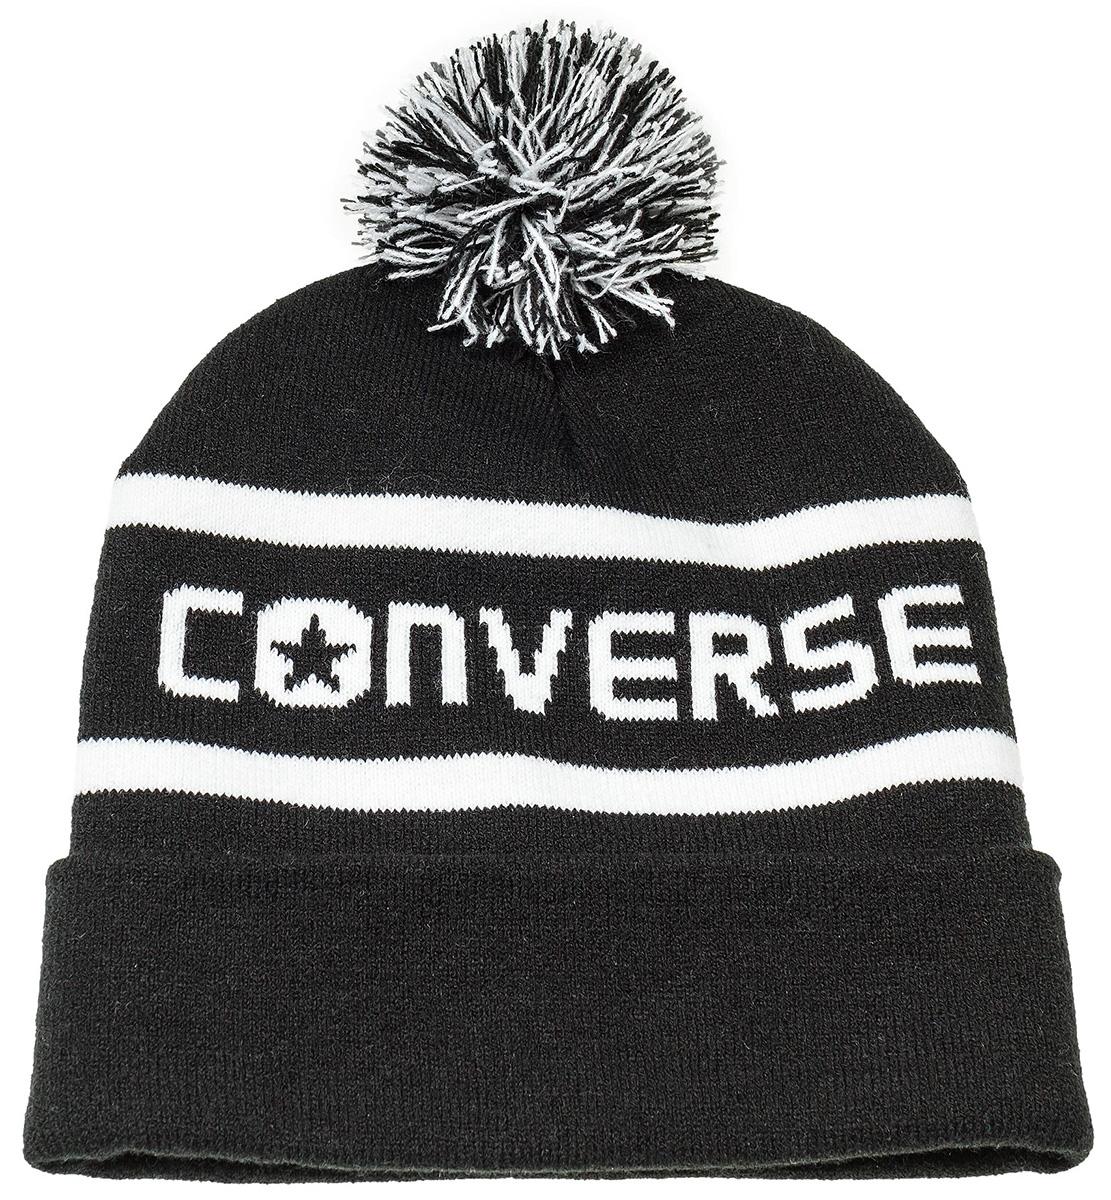 Шапка Converse Wordmark Pom Knit, цвет: черный. 562261. Размер универсальный562261Шапка Converse изготовленная из 100% акрила мягкая, комфортная и теплая. Практичная форма шапки делает ее очень комфортной. Качественная пряжа не линяет и не растягивается. Модель дополнена отворотом и помпоном.. Шапка Converse прекрасно дополнит ваш наряд и не позволит вам замерзнуть в прохладное время года.